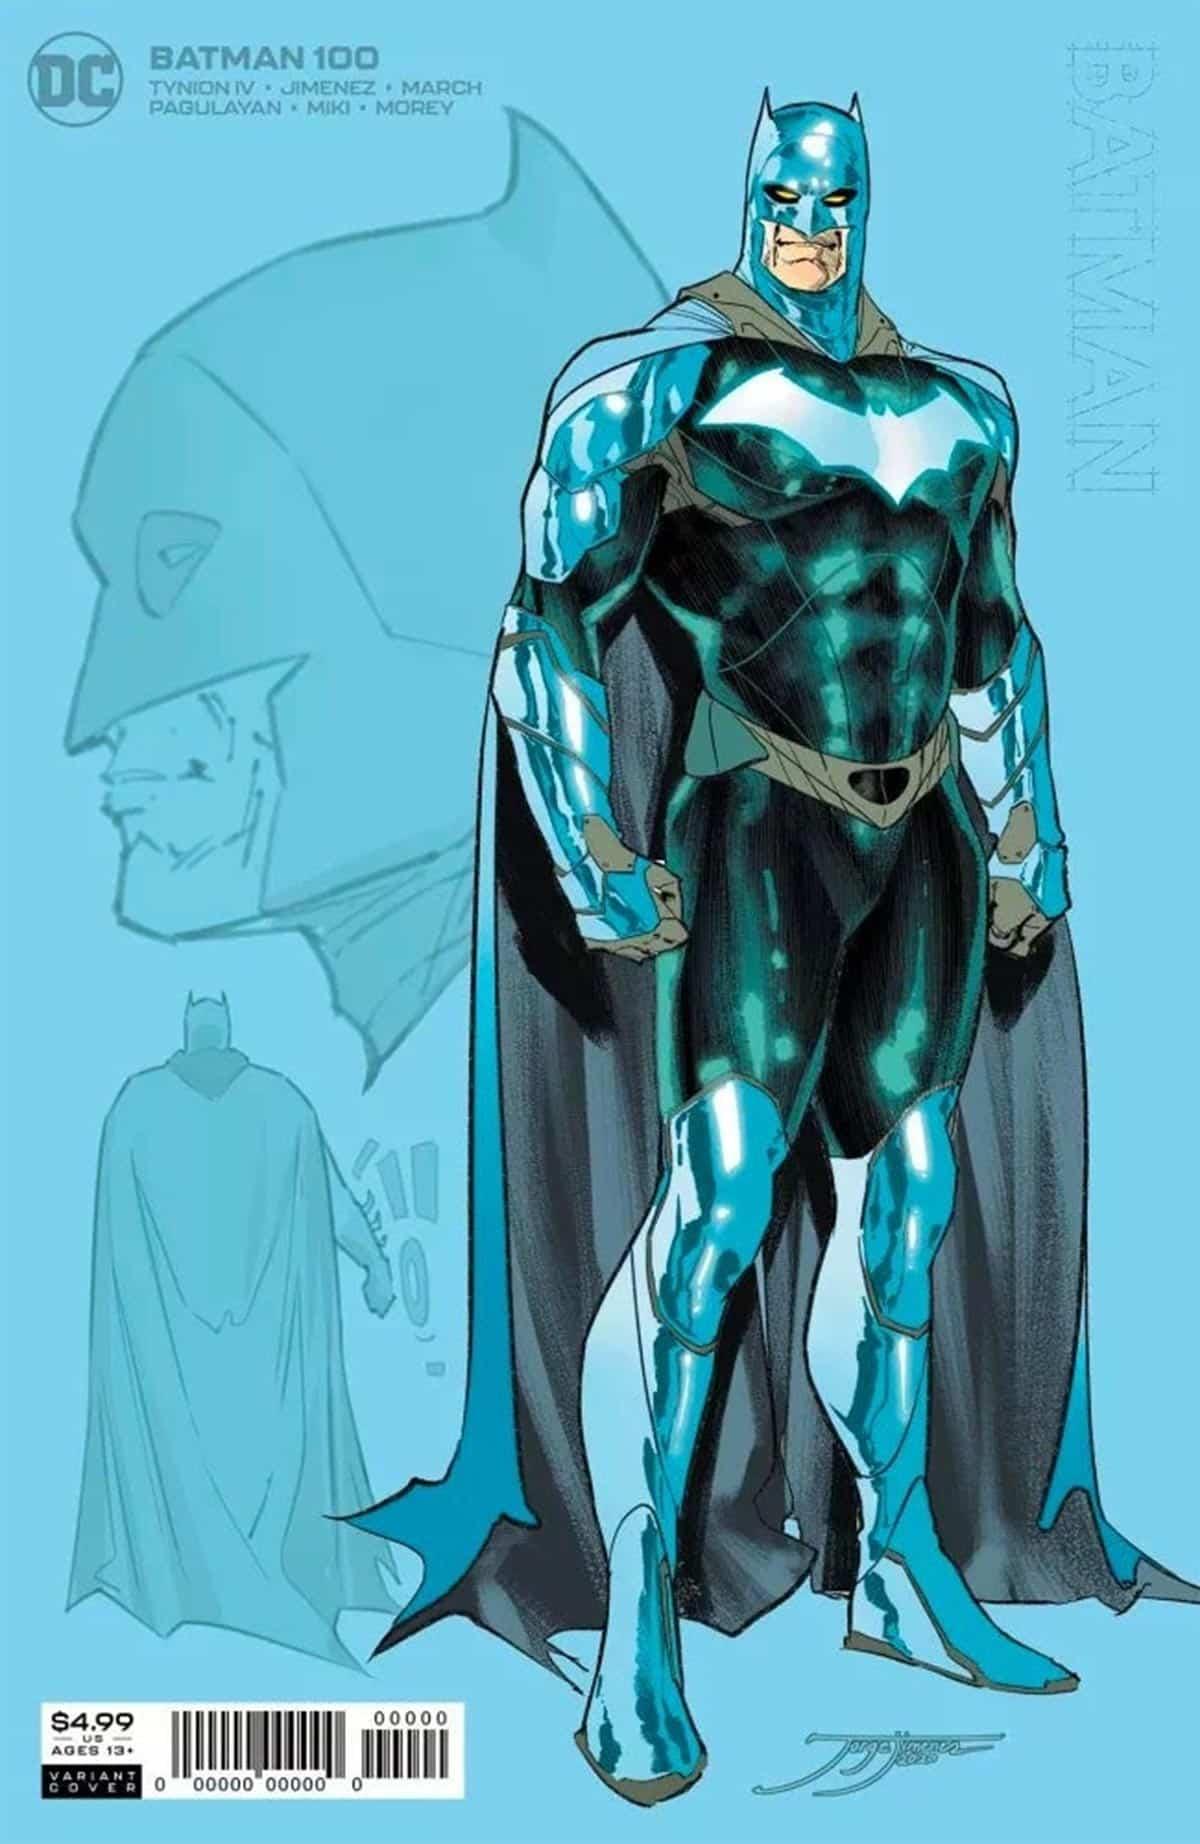 El nuevo traje y la sonrisa de Batman